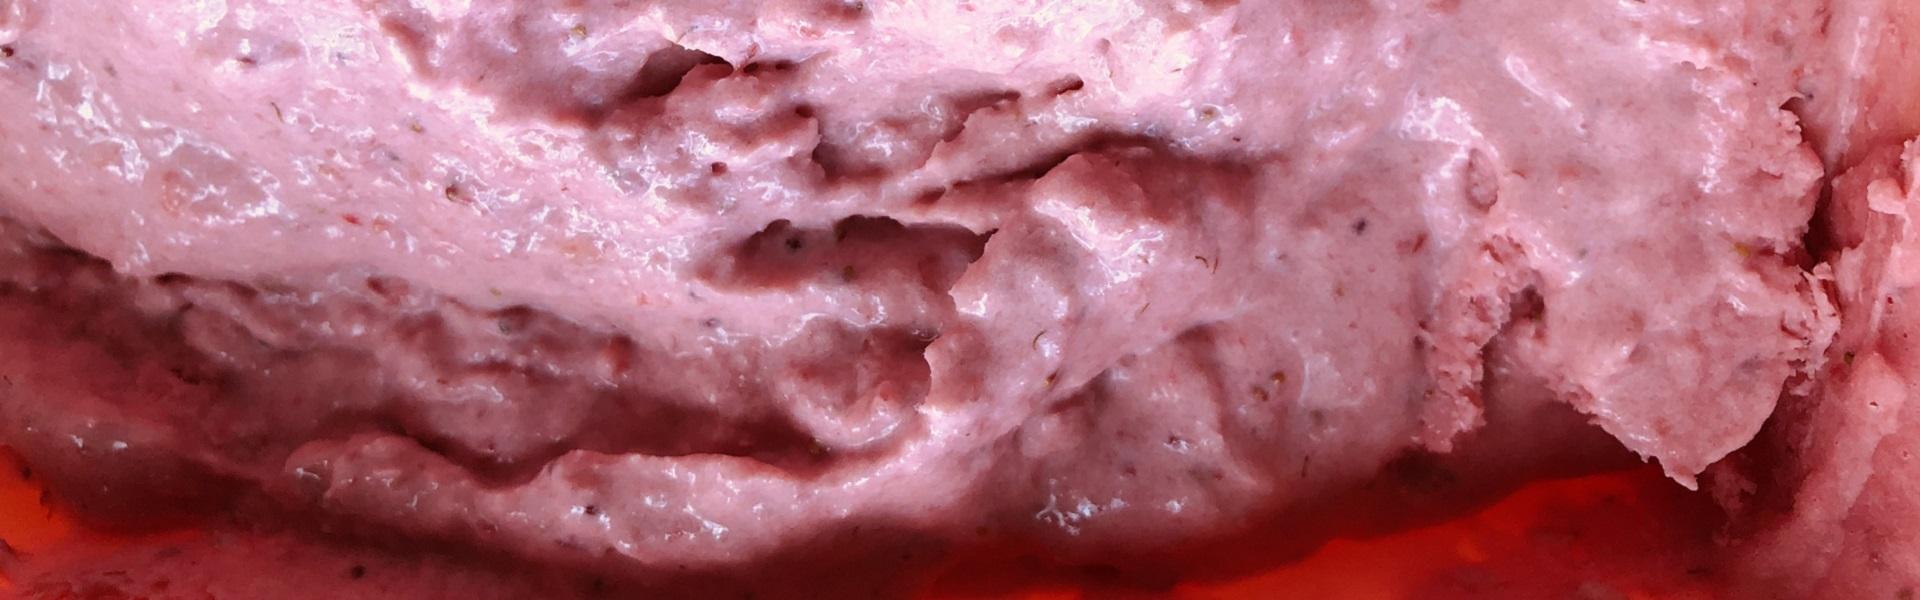 Готовит Наташа: мороженое из трех компонентов от Джейми Оливера